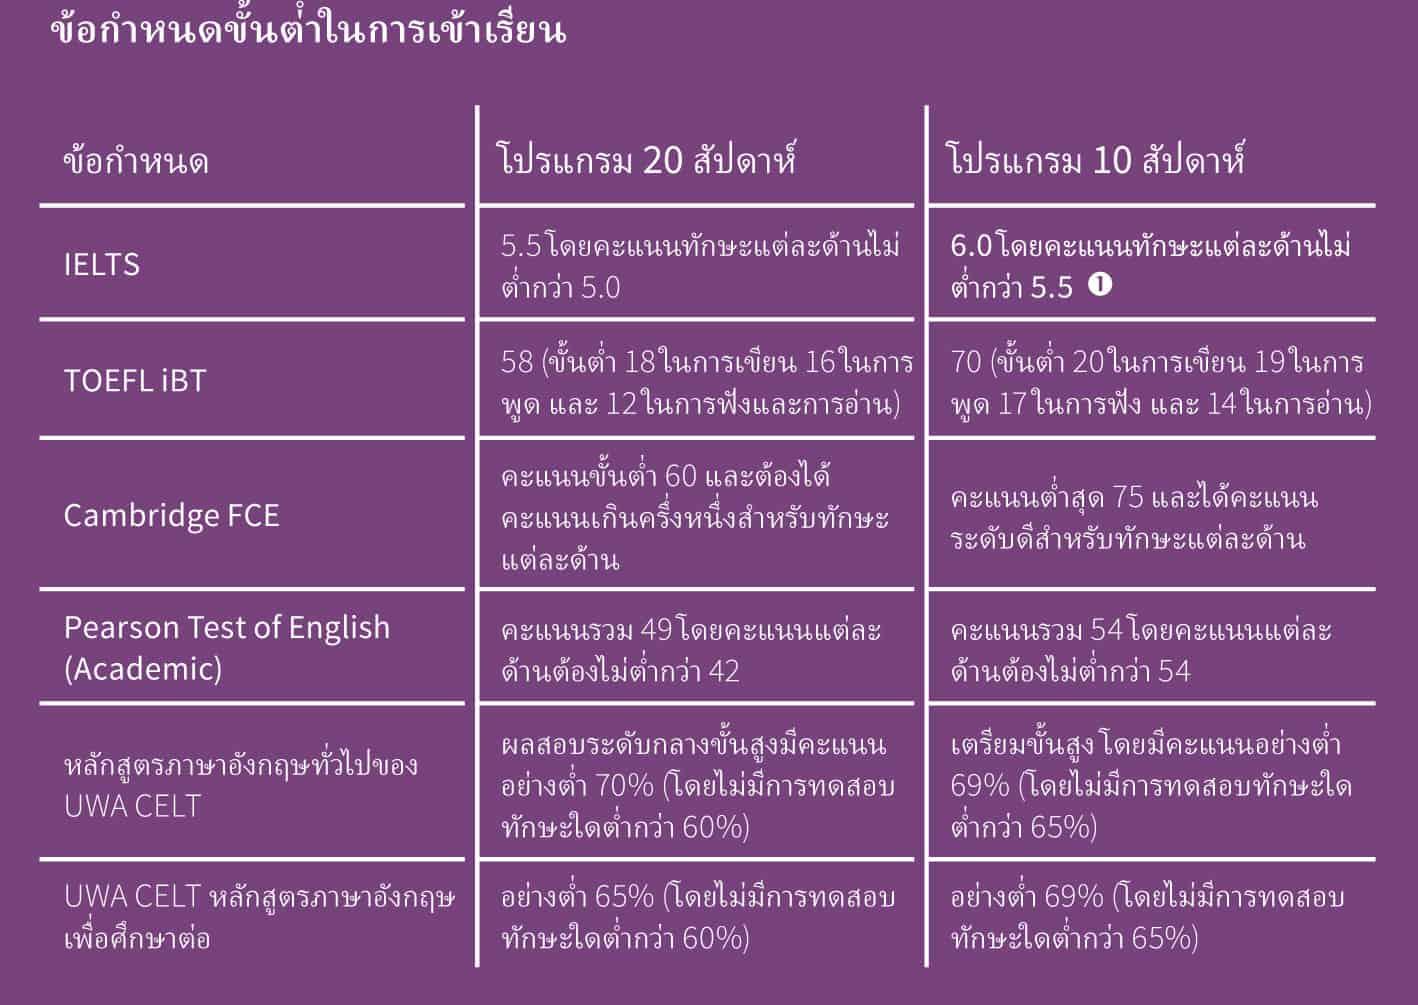 ��������������������������������������������������������������������� university of